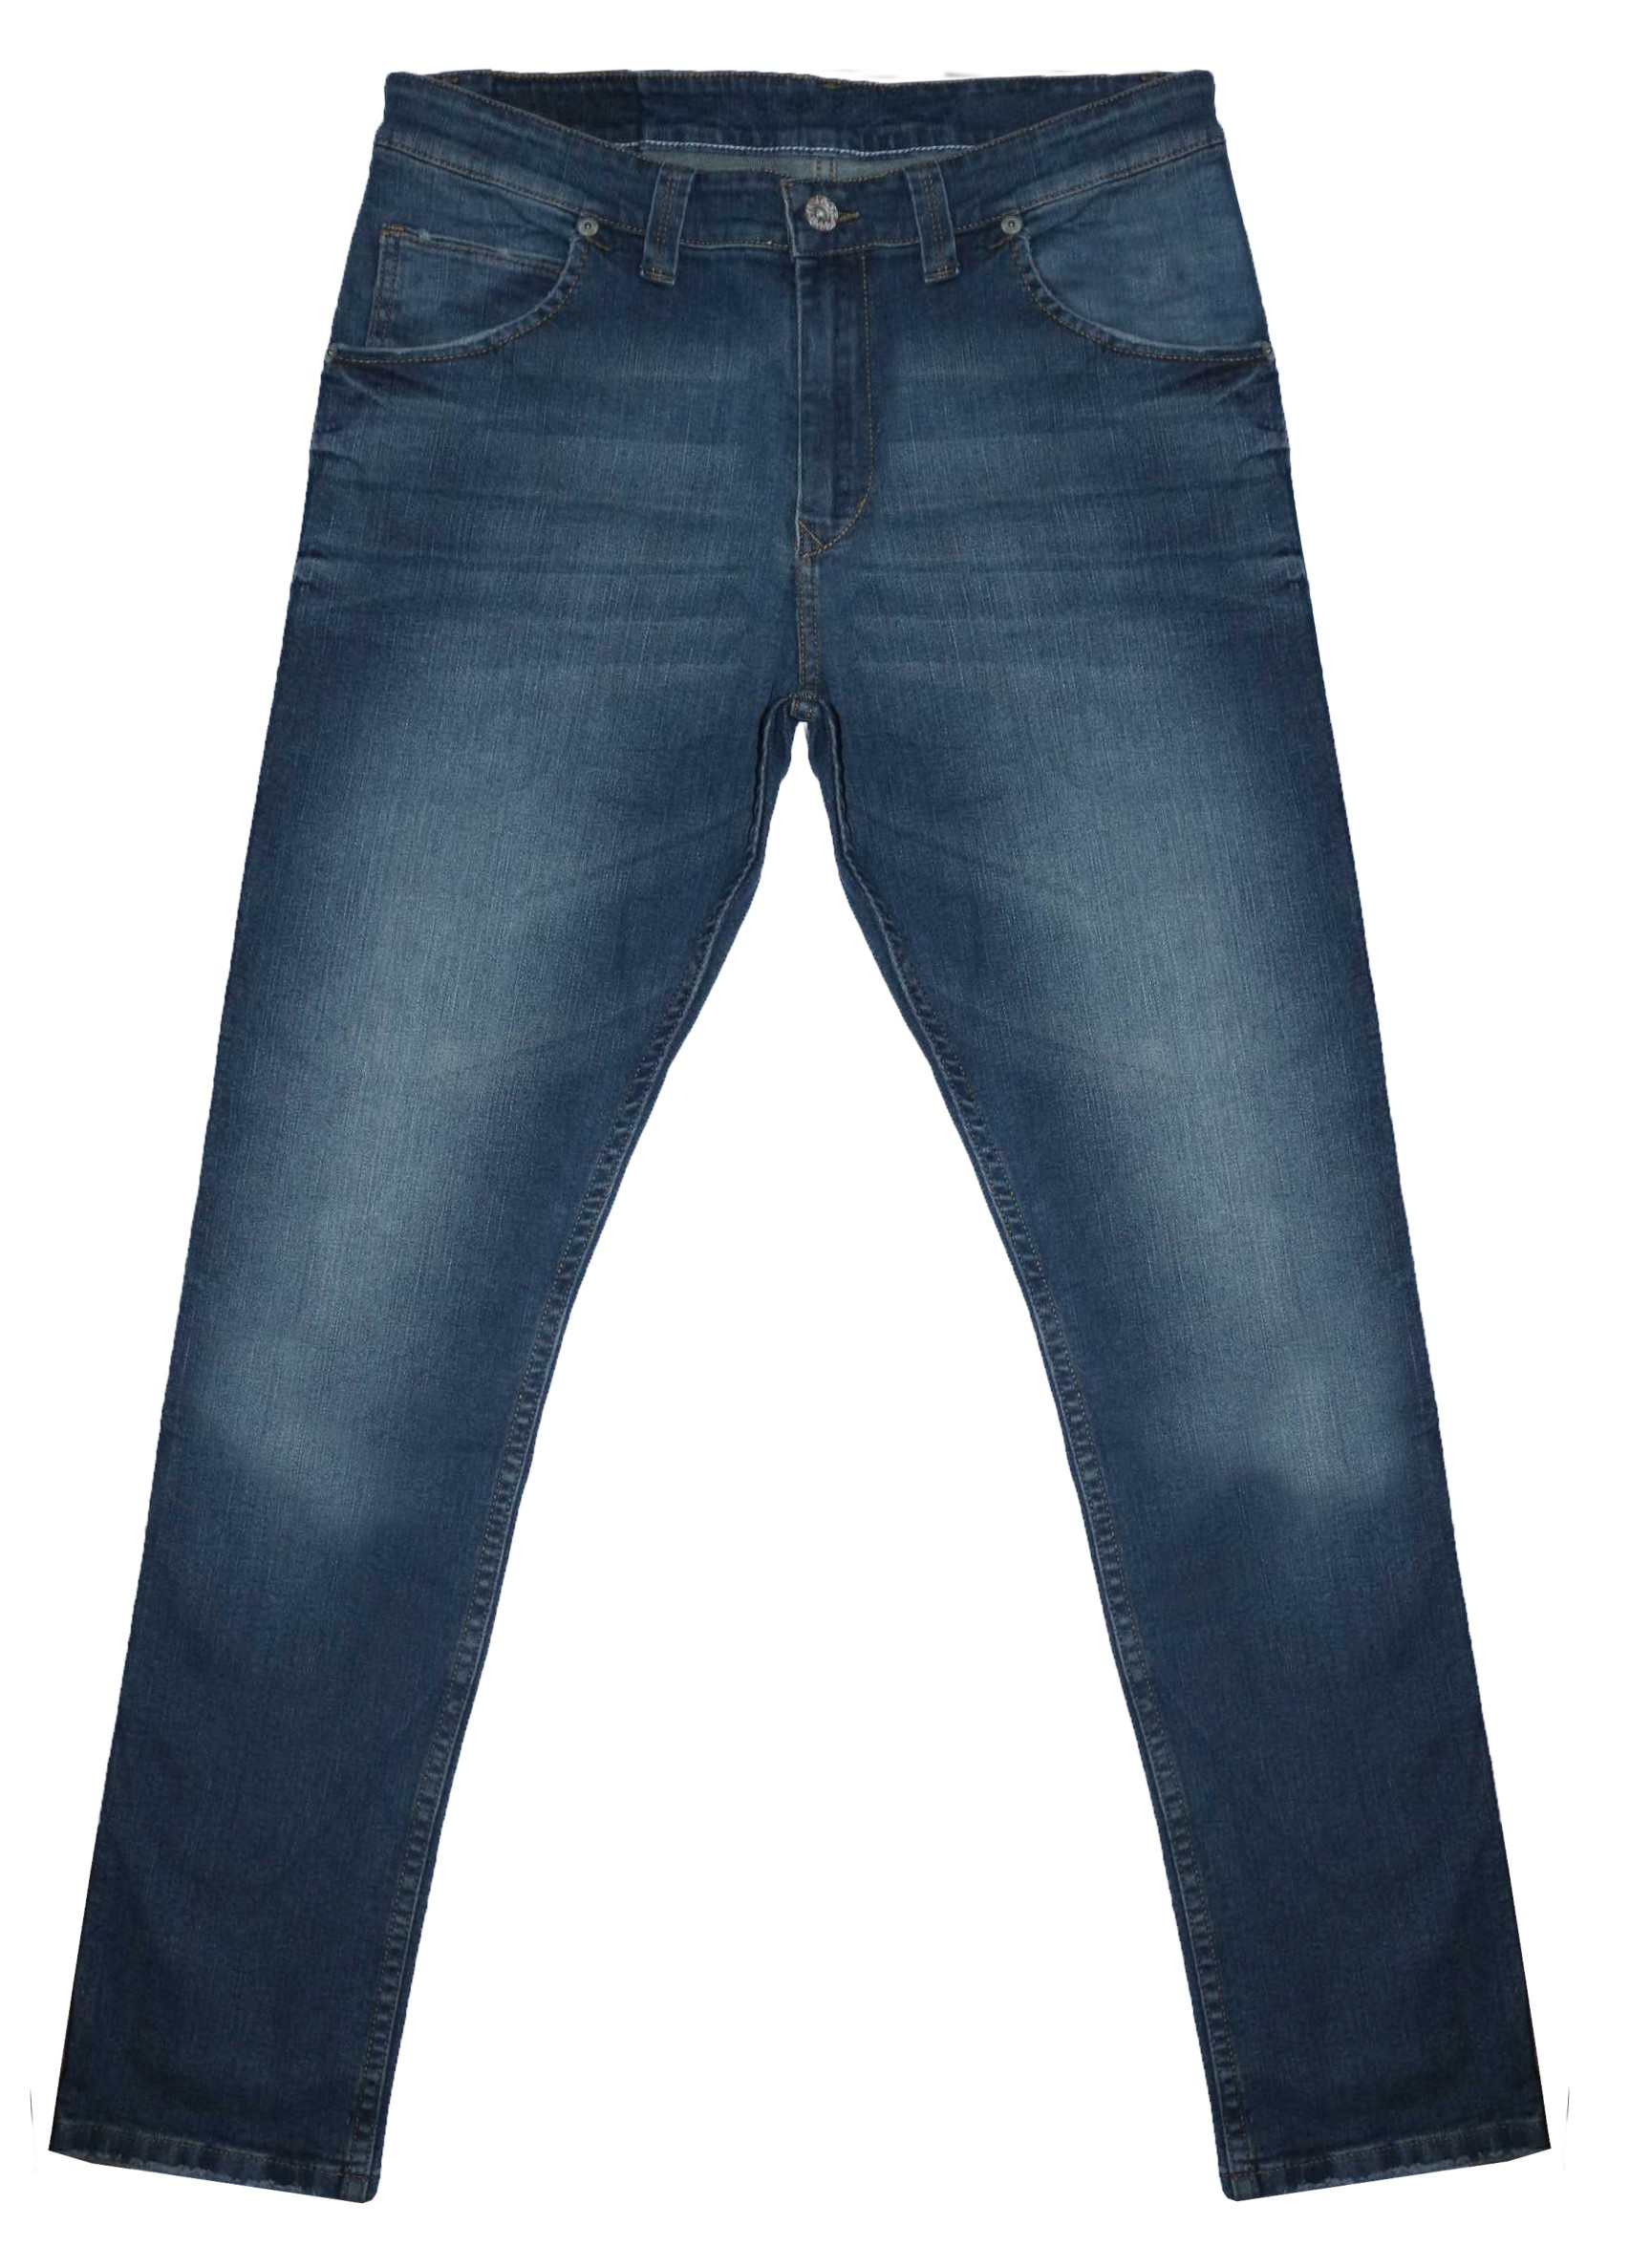 4a0bda5730 Jeans NS Caballero Hugh